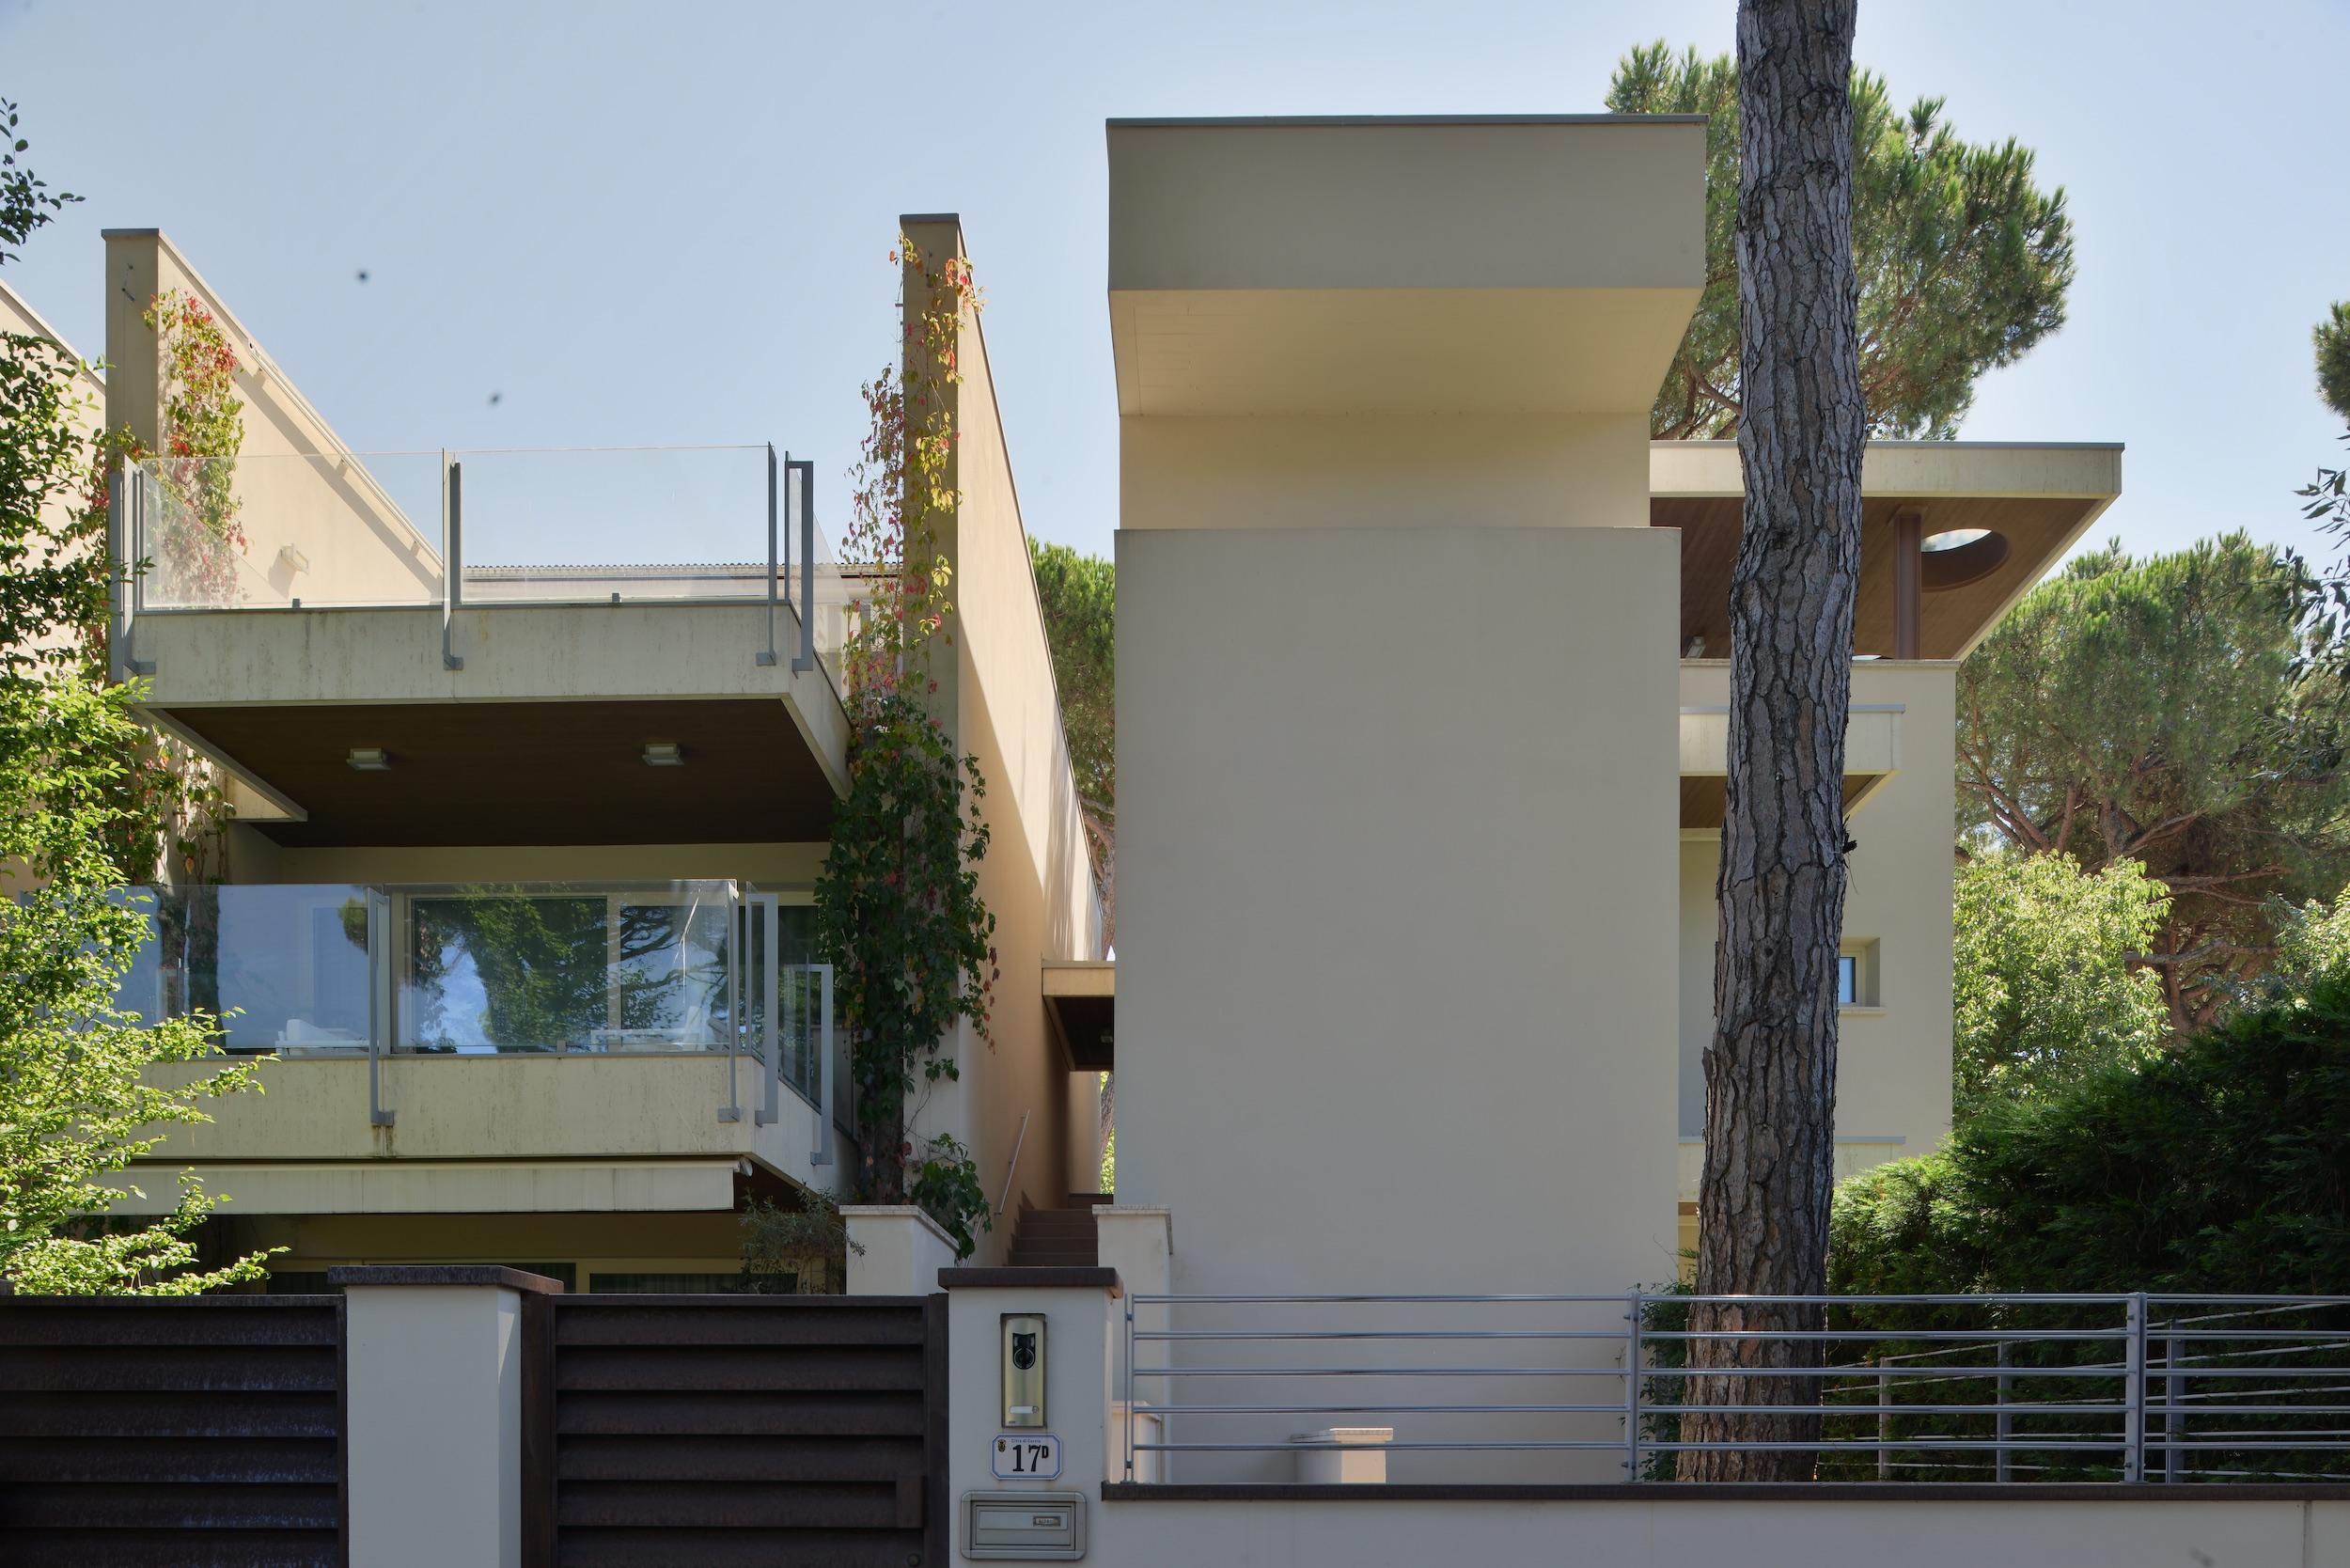 4324 Studio Bacchi Architetti MiMa